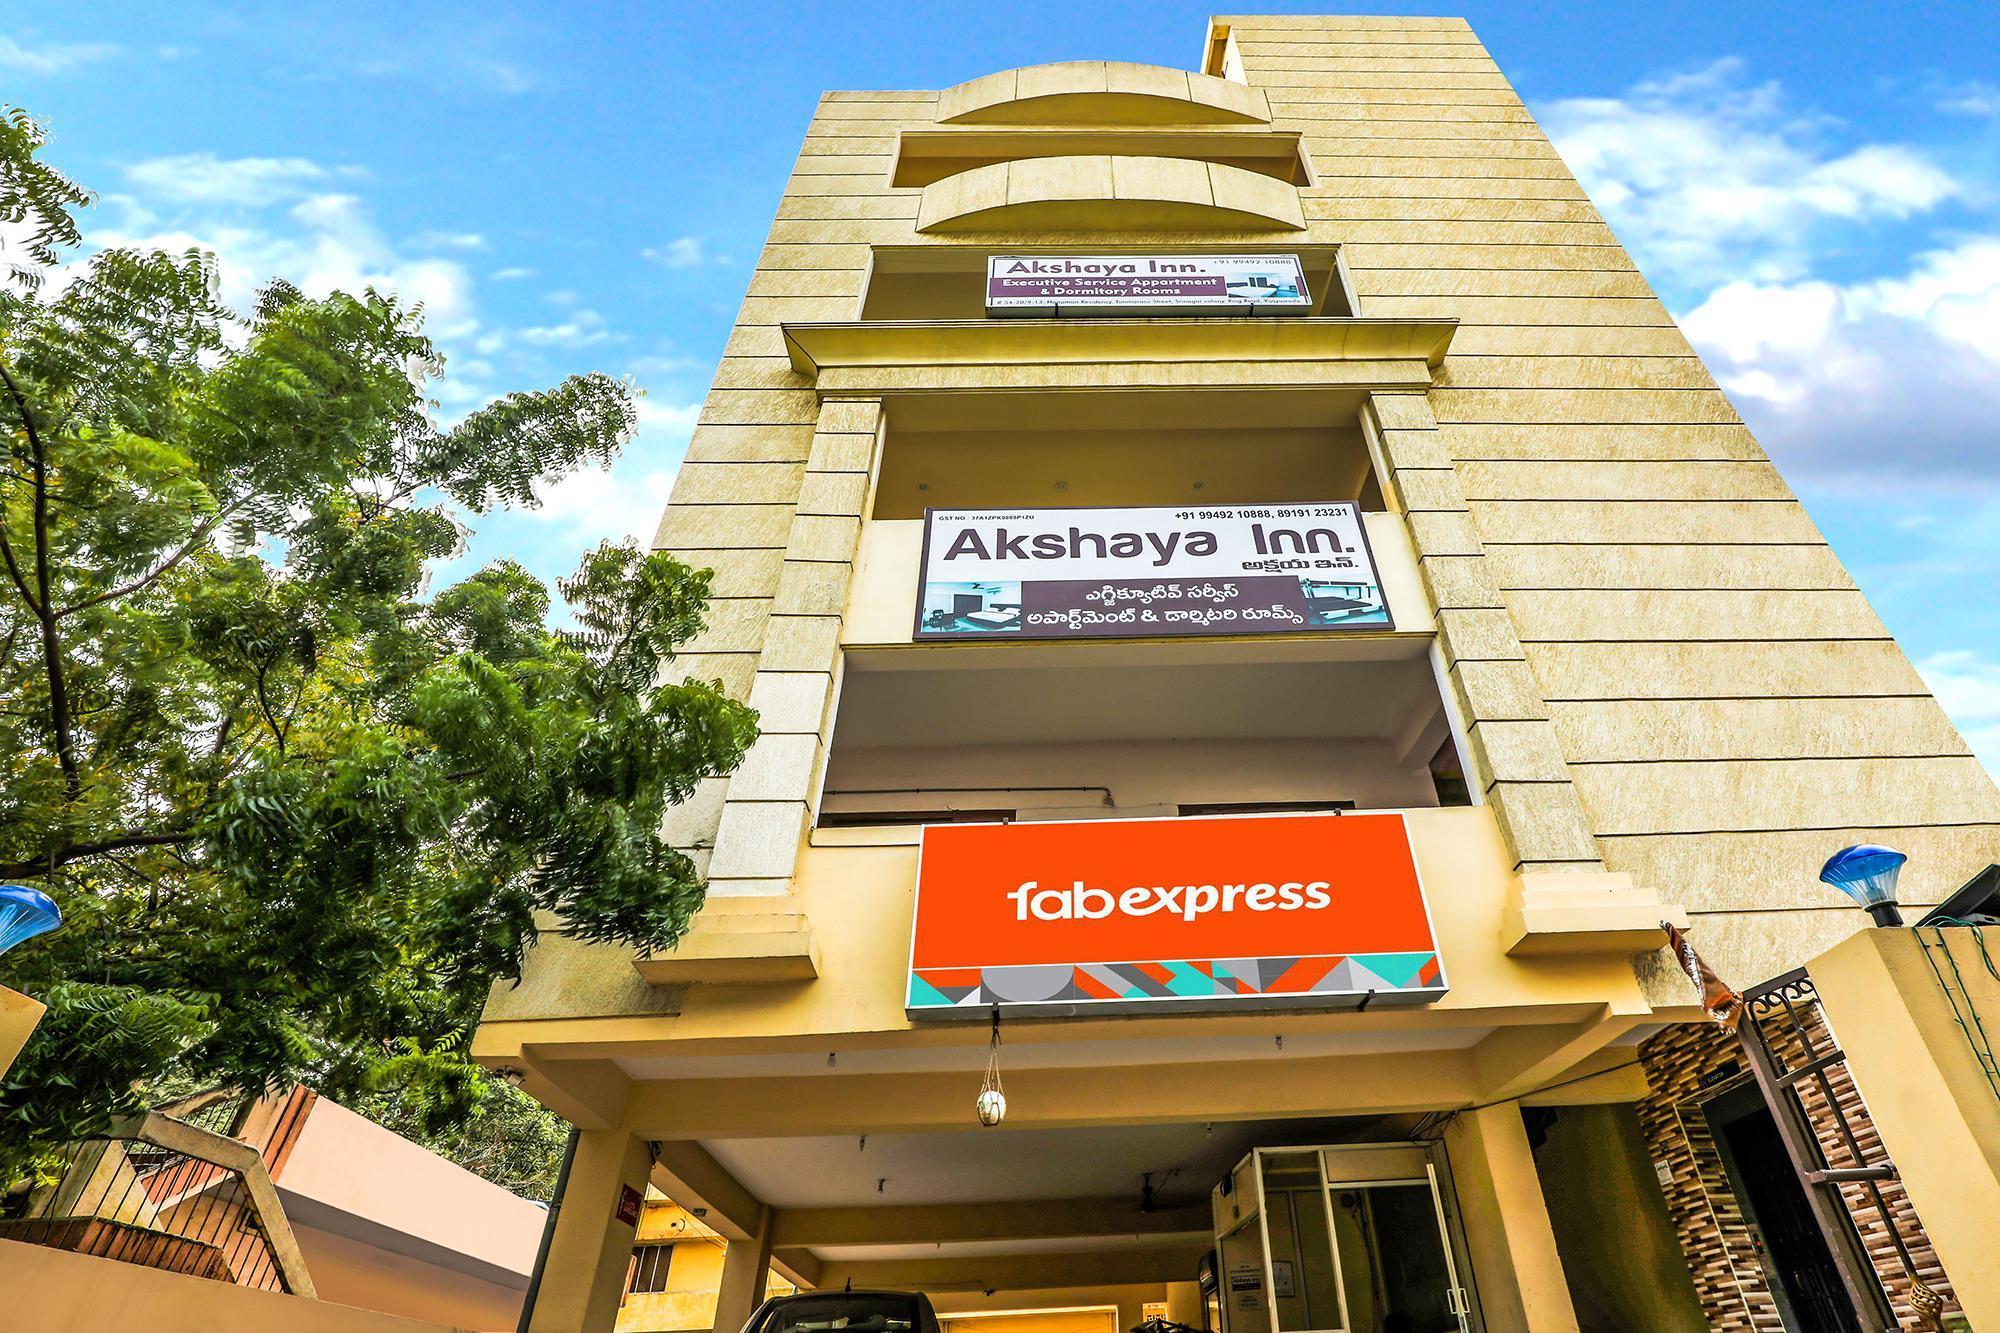 FabExpress Akshaya Inn